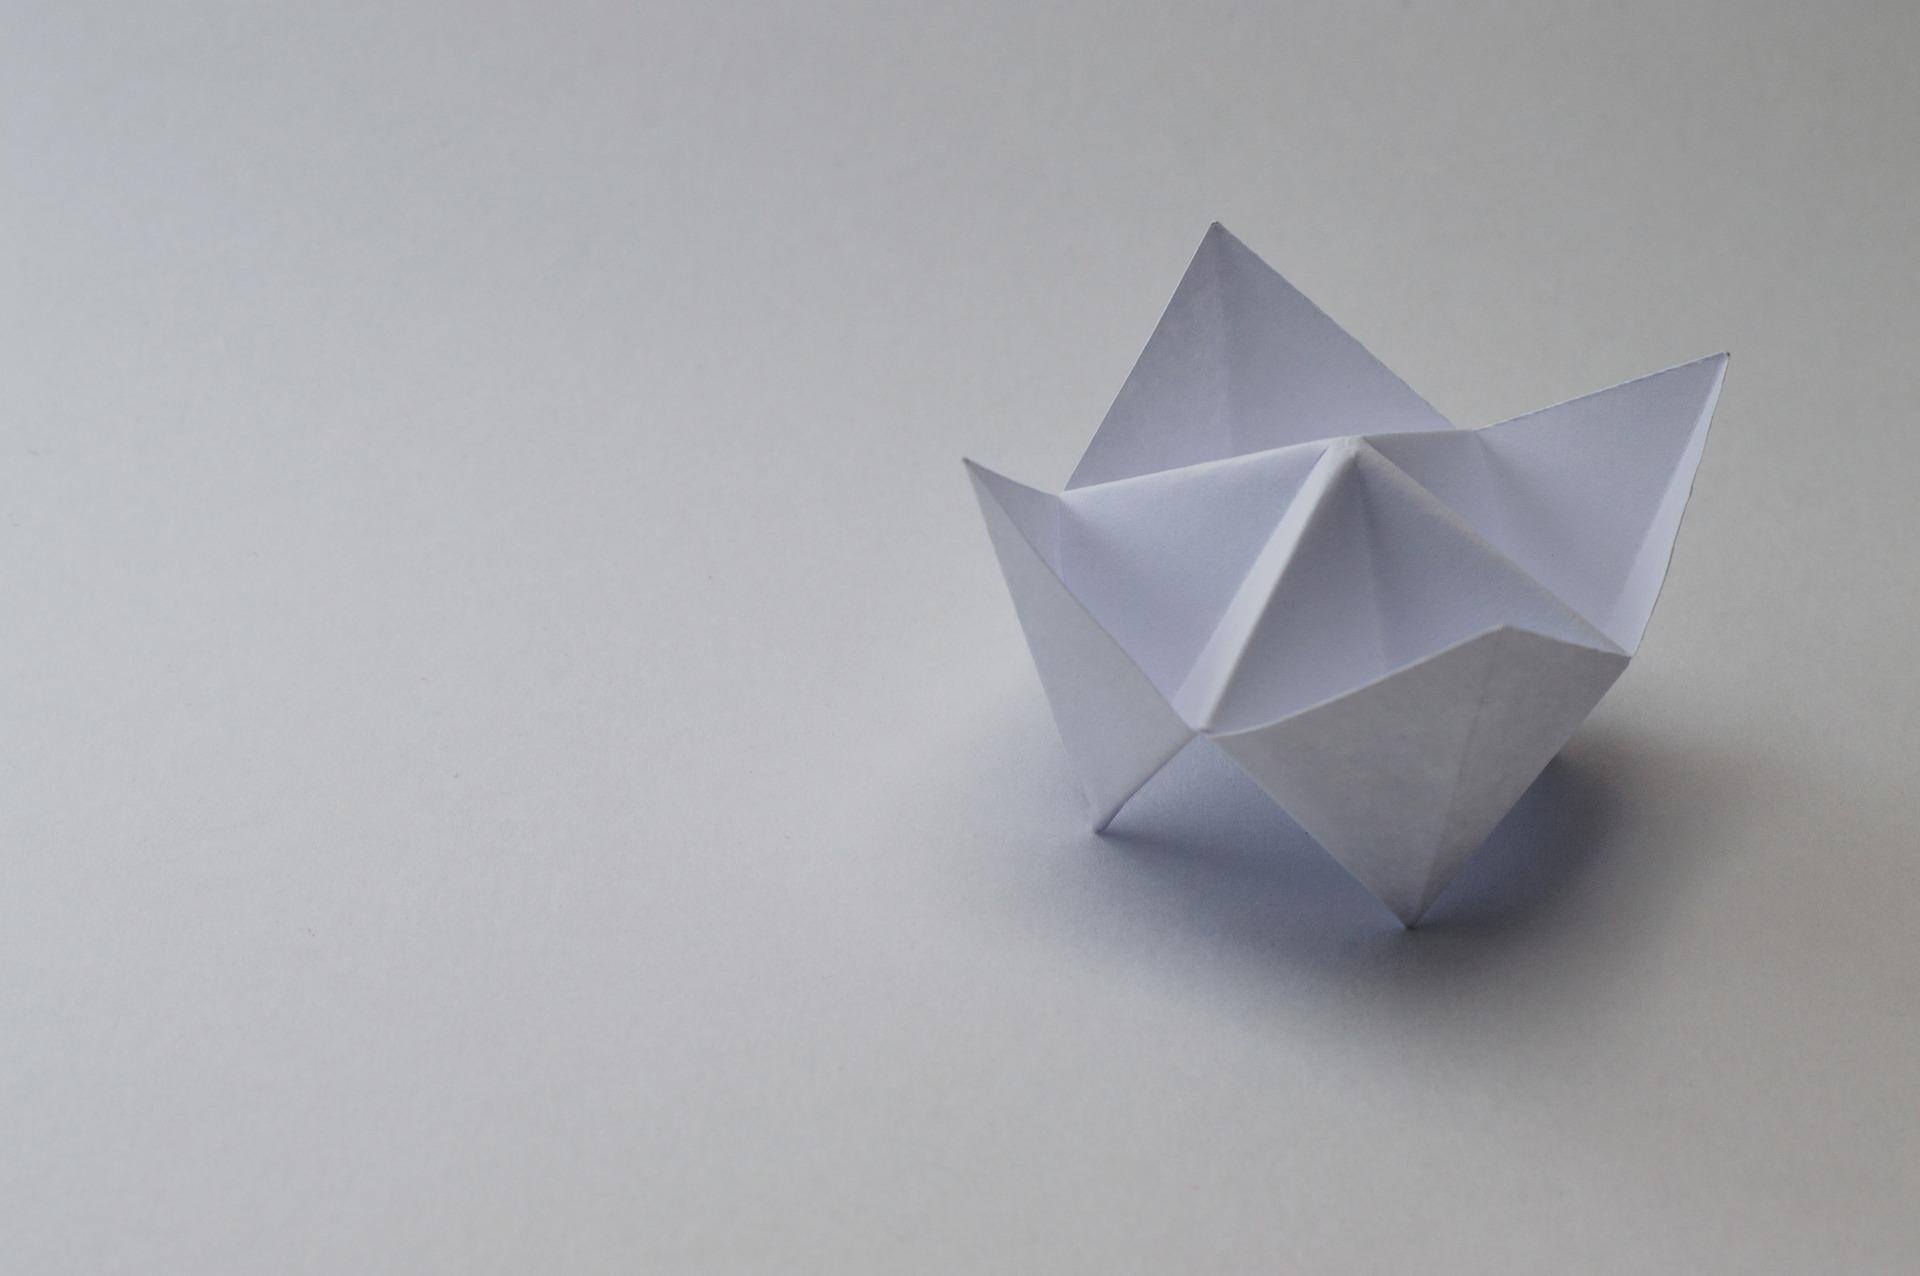 Actual Origami example